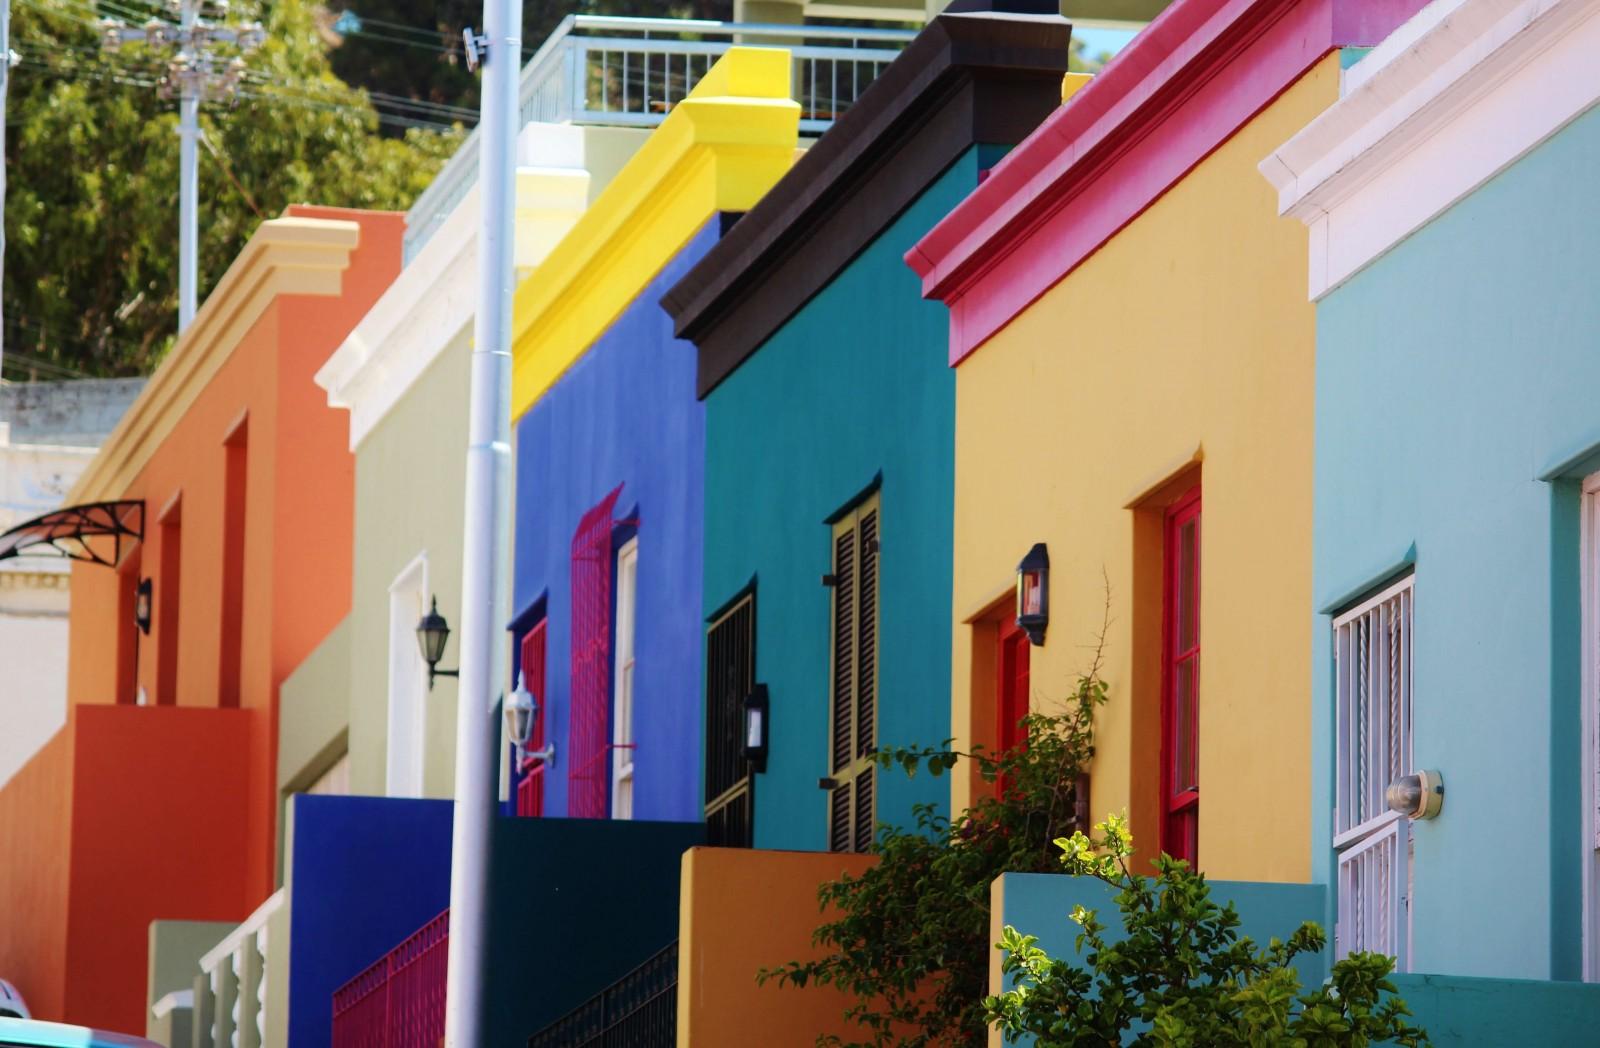 эффективное оттенки фасадных красок фото стыдно одеть